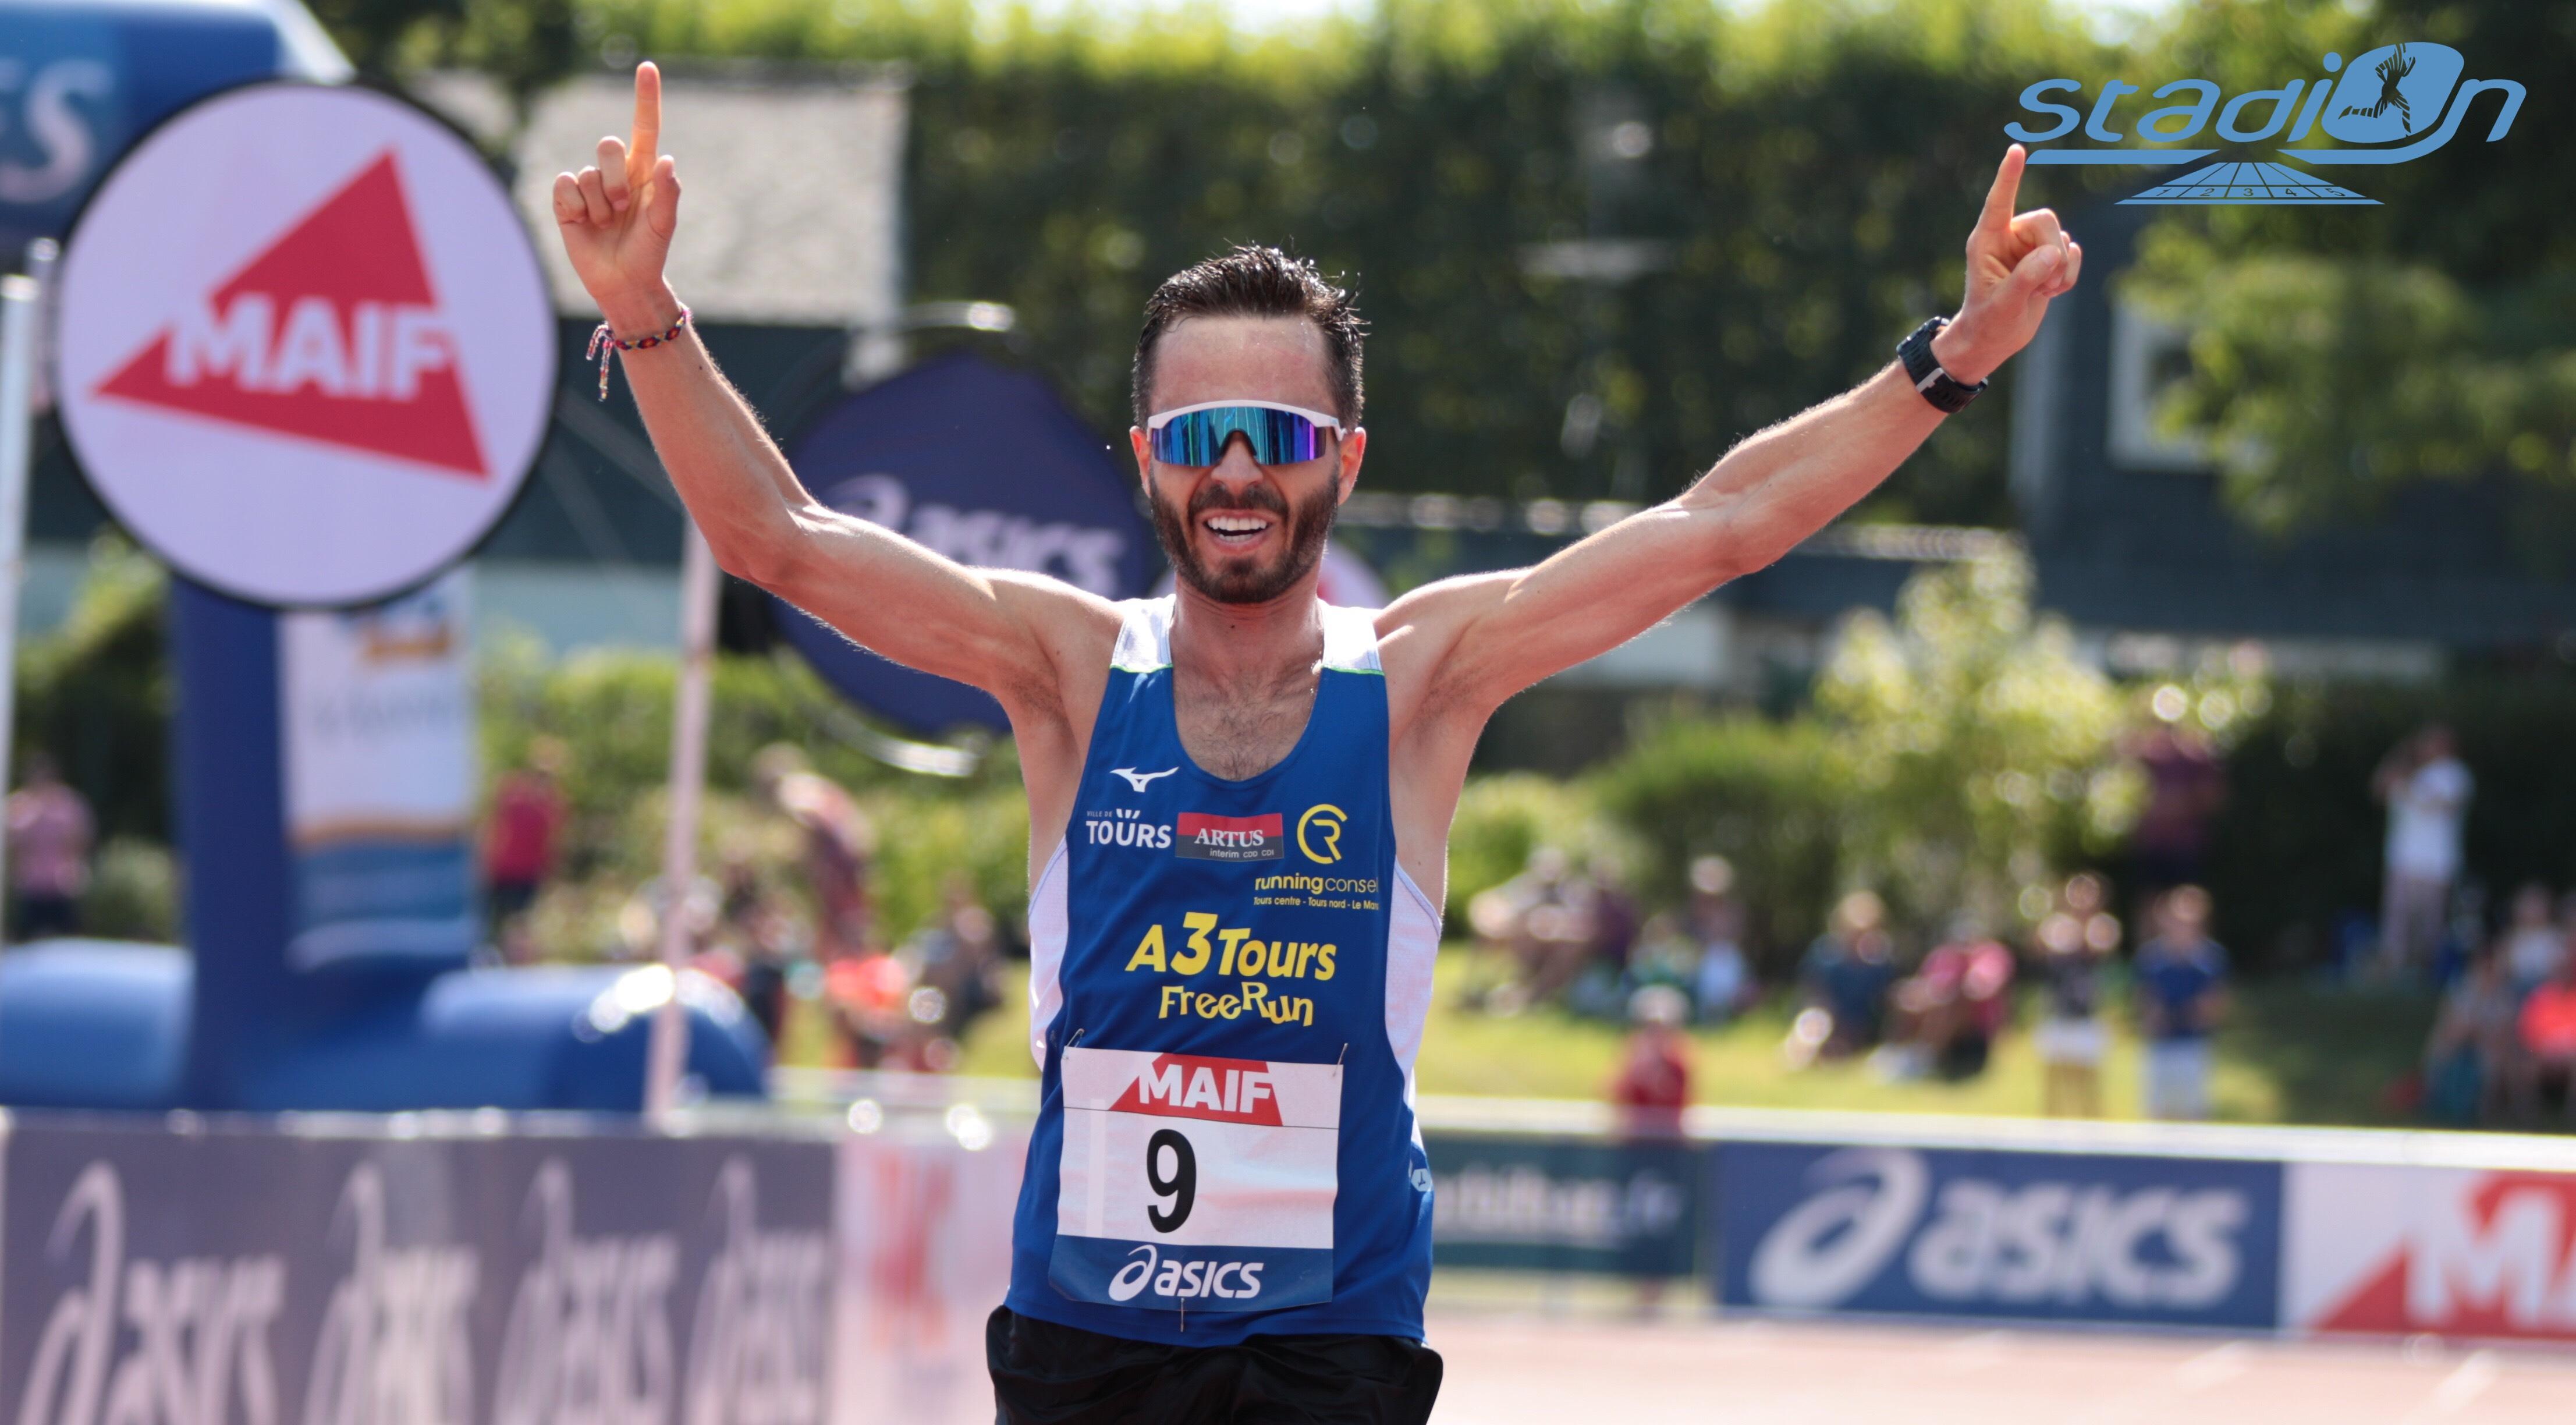 Running : Les France de semi-marathon aux Sables d'Olonne annulés